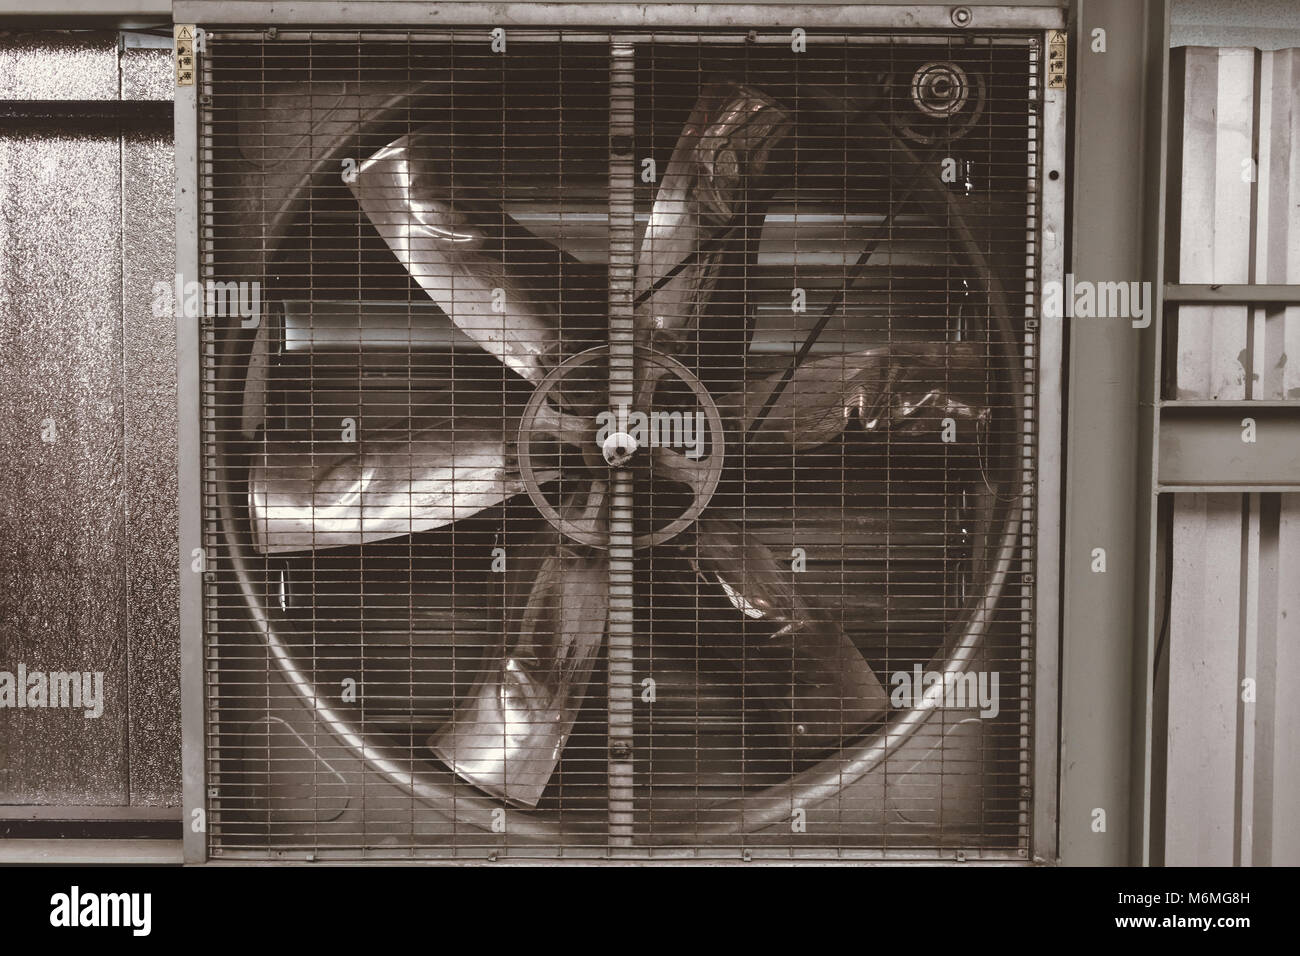 Ventilatoren das große, beschädigte Flügelräder Stockbild